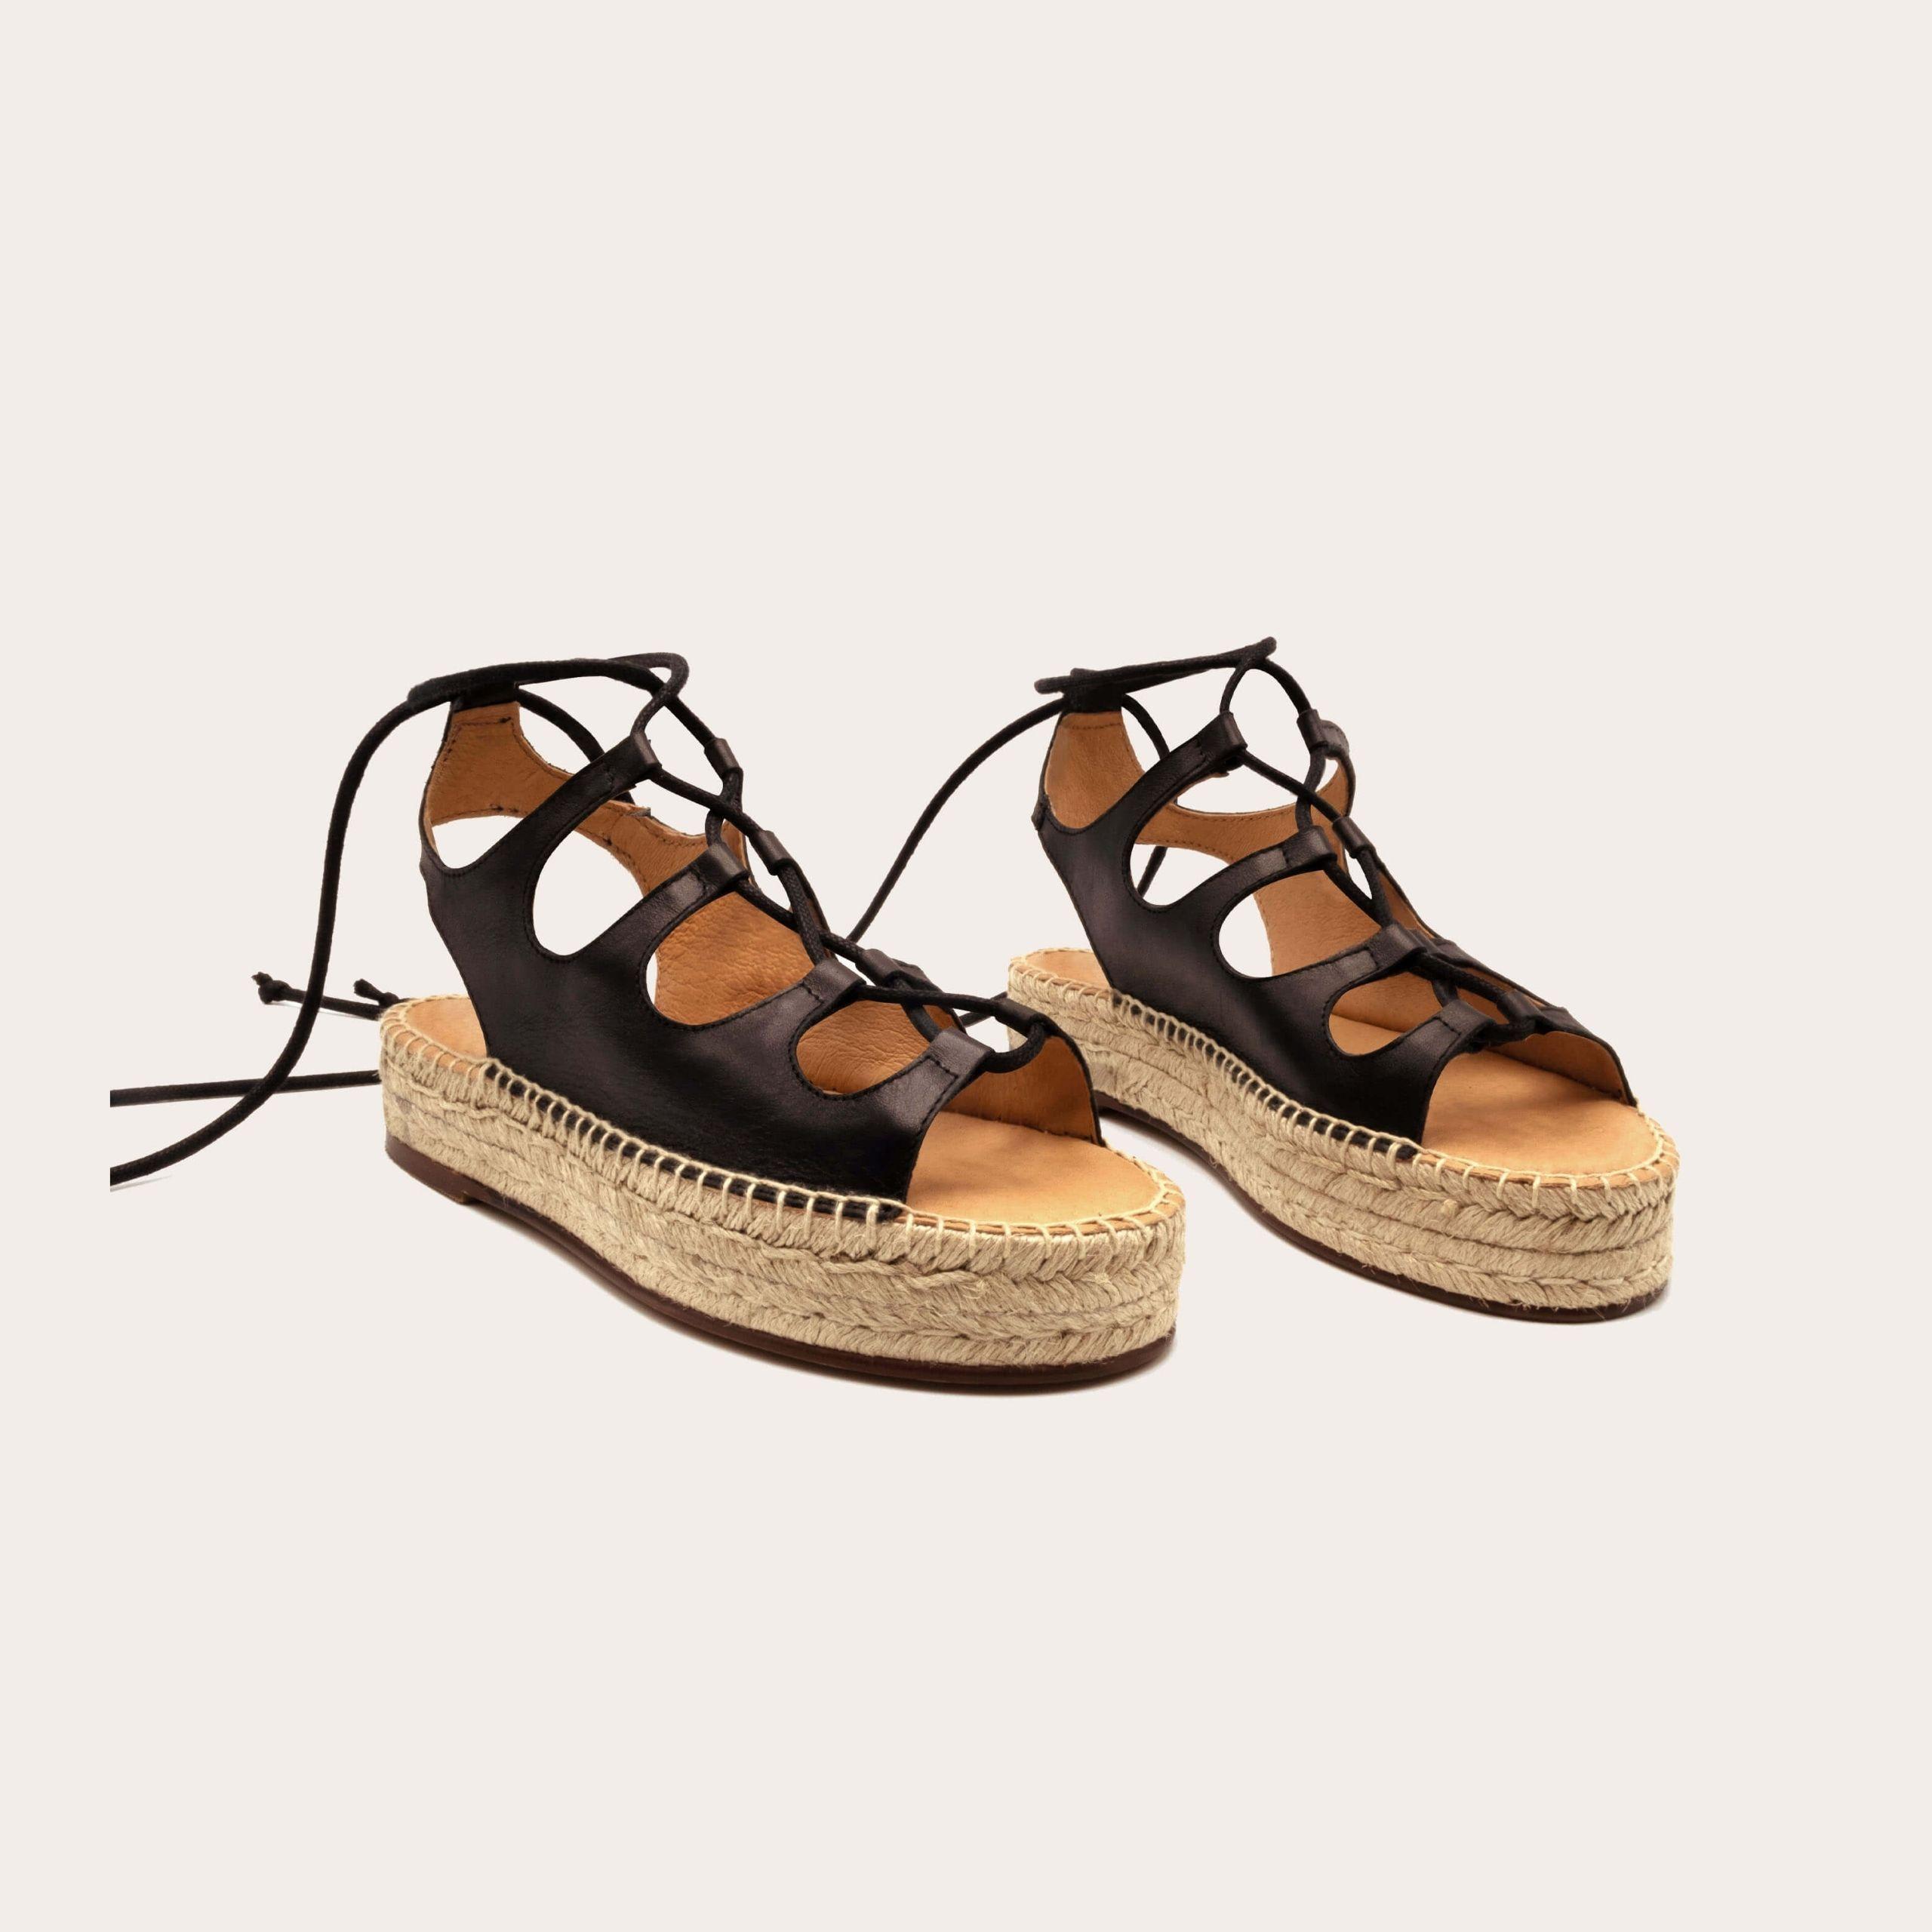 rafa-black_2_lintsandalen sandals travelsandals vegan sustainable sandals wikkelsandalen